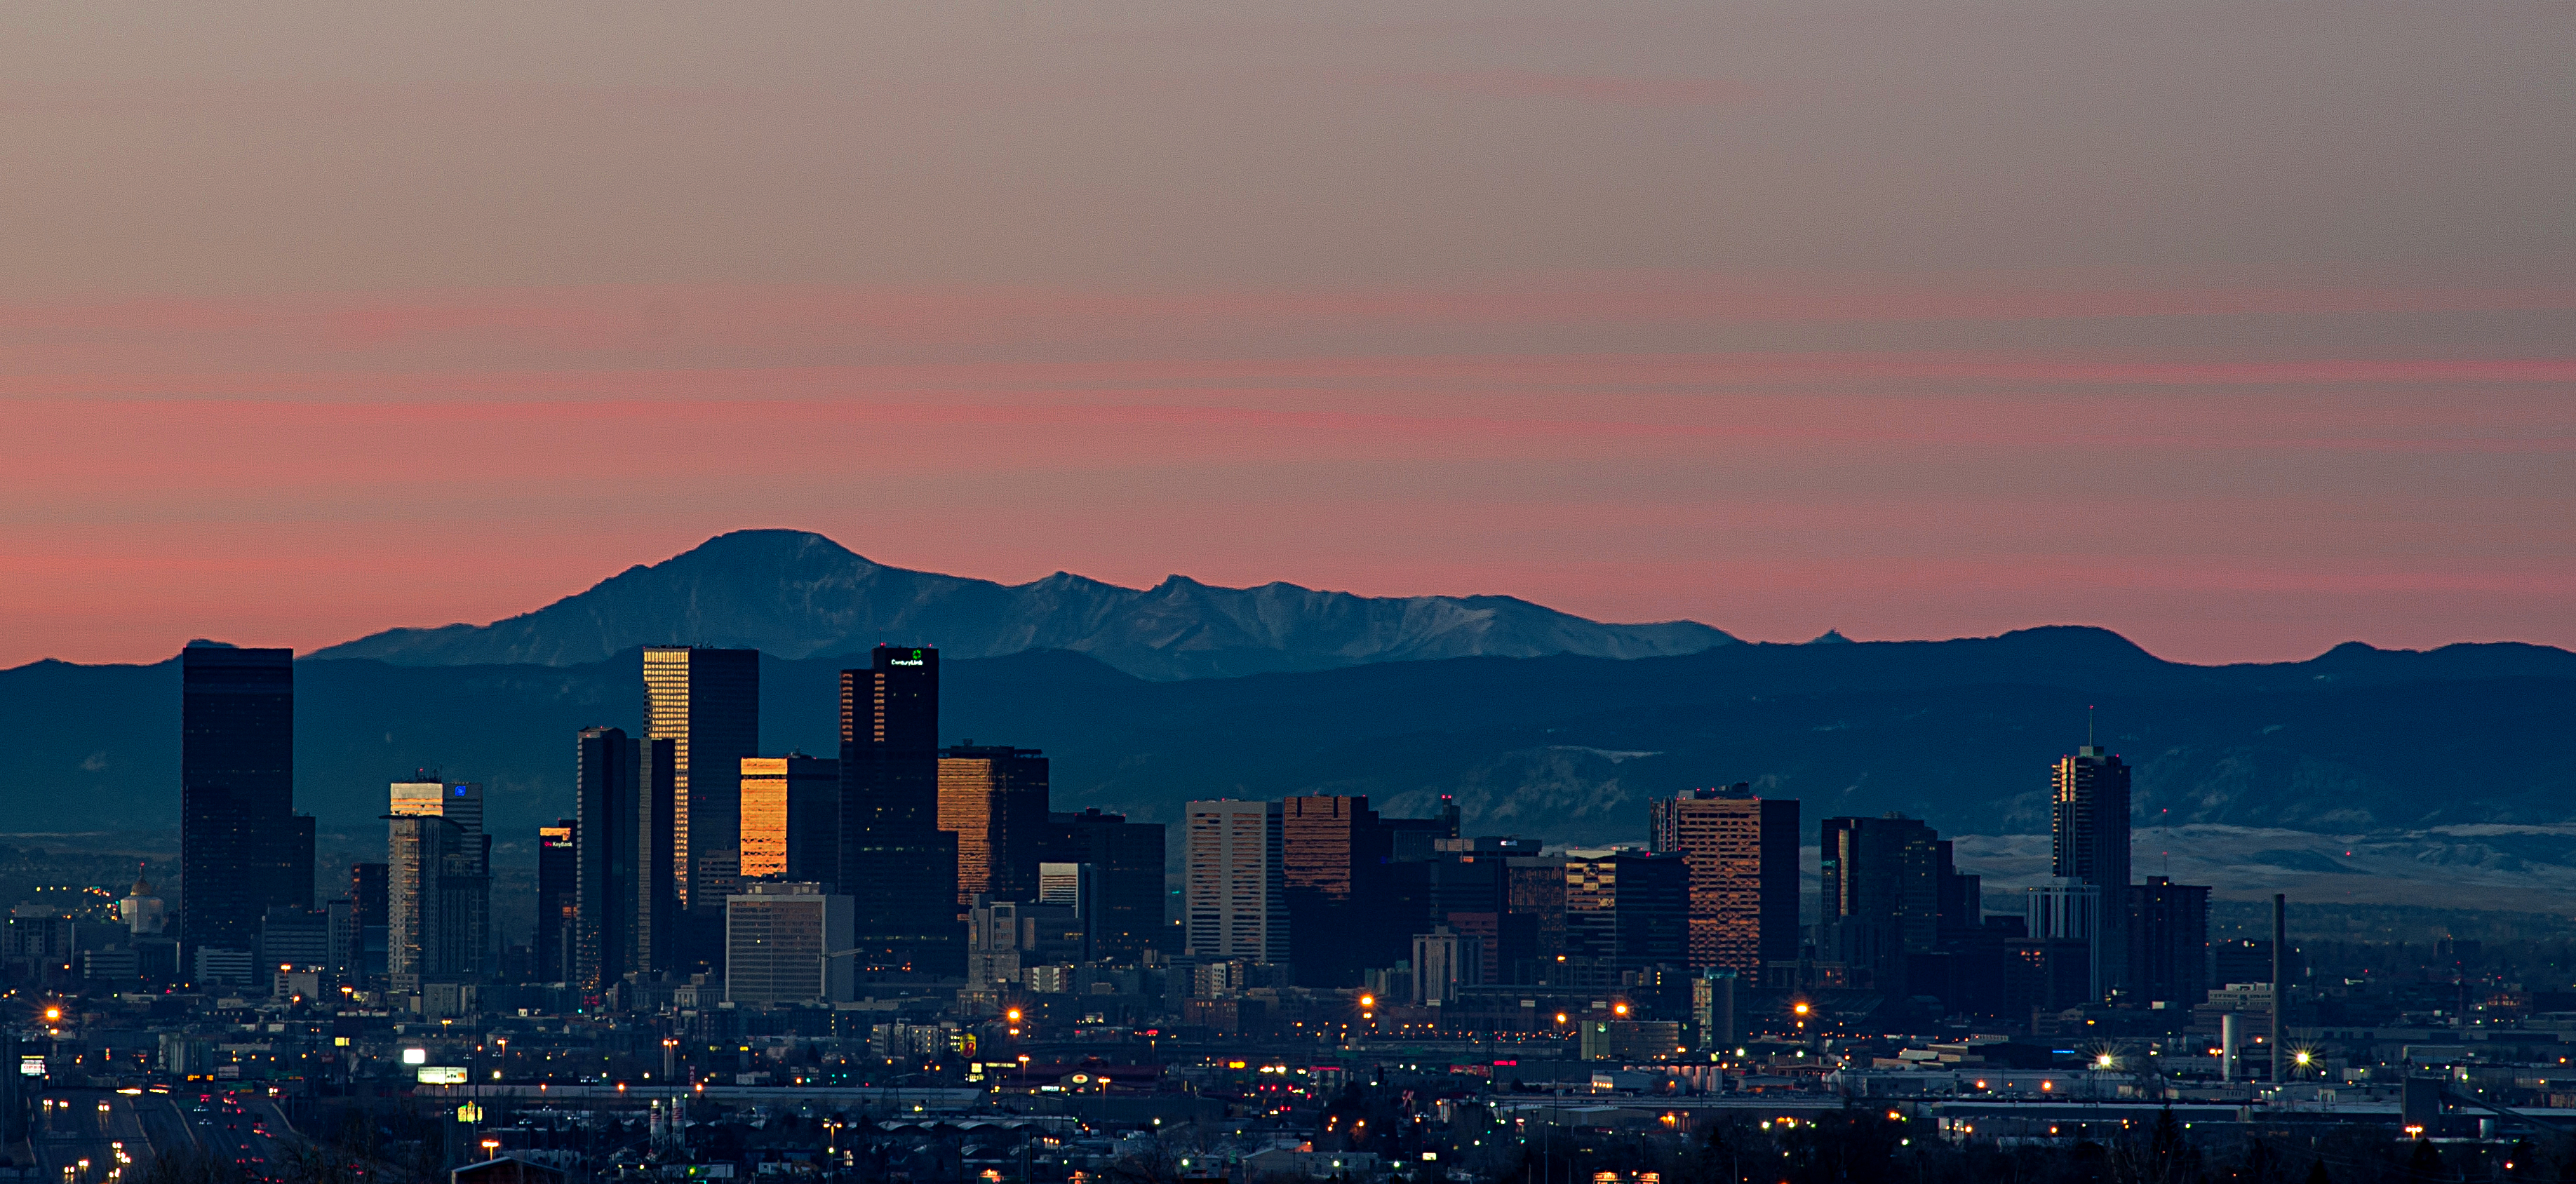 File:Sunrise Over Denver Skyline.jpg - Wikimedia Commons